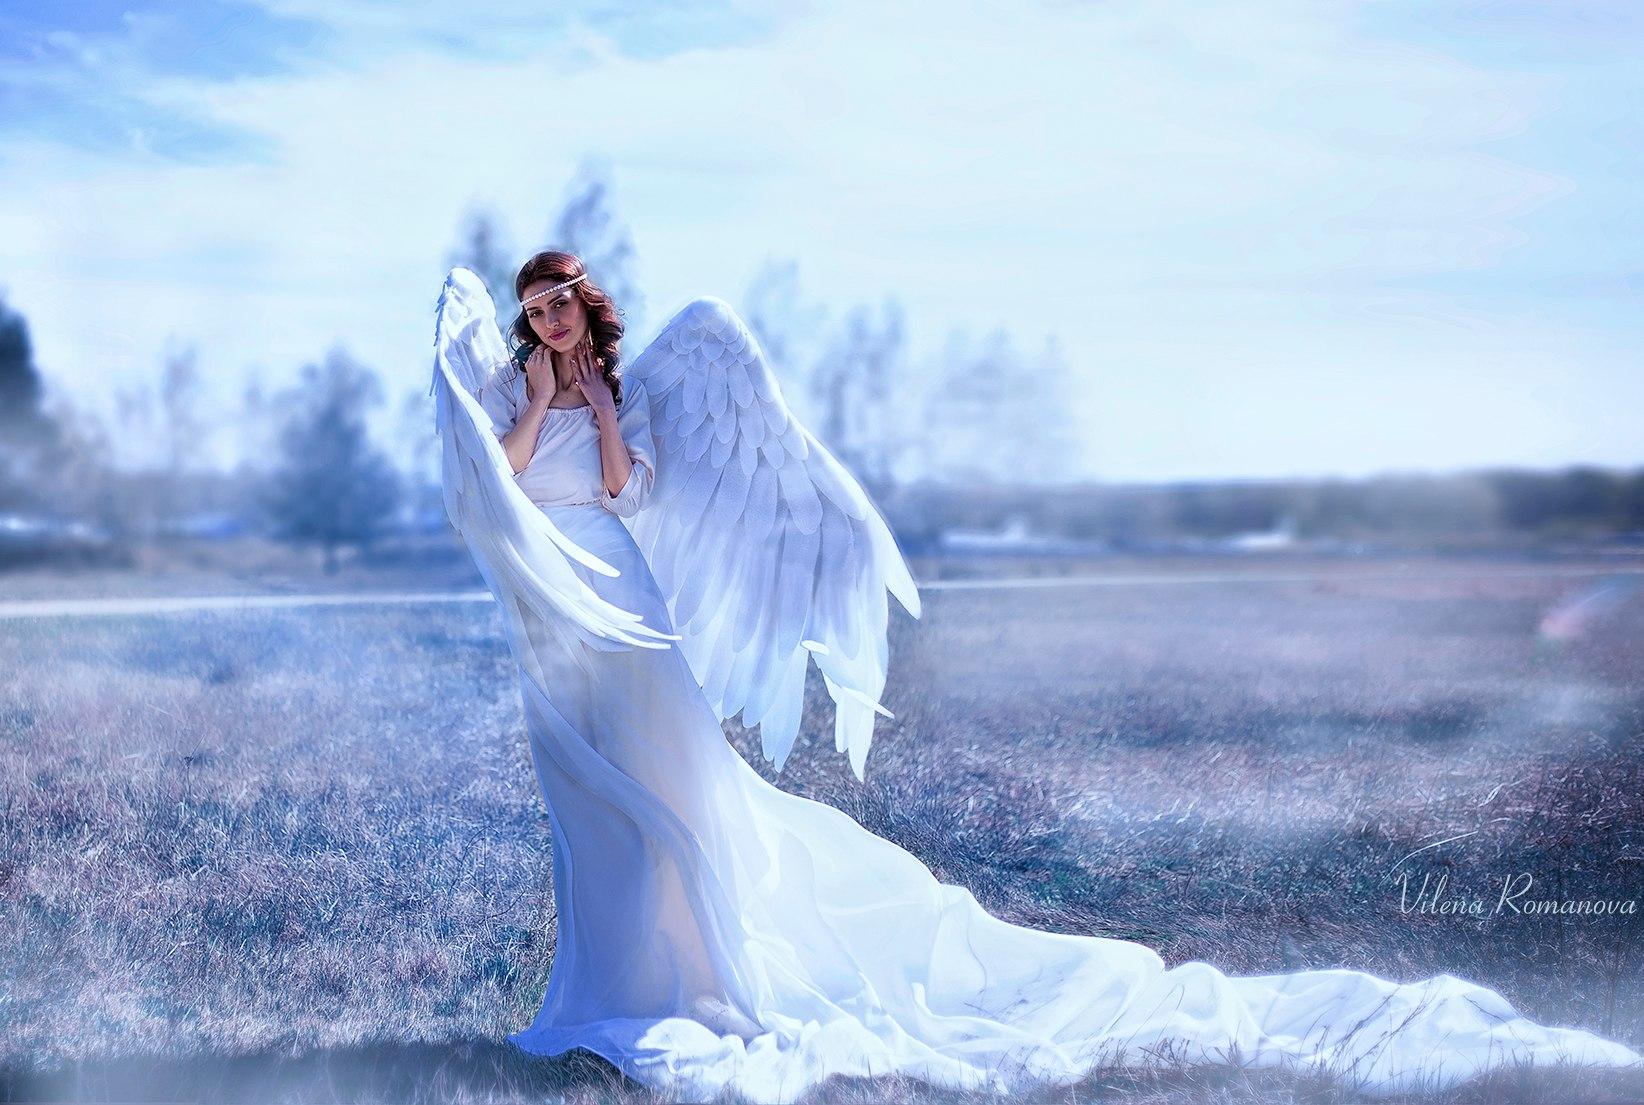 Красивые картинки с ангелами девушками